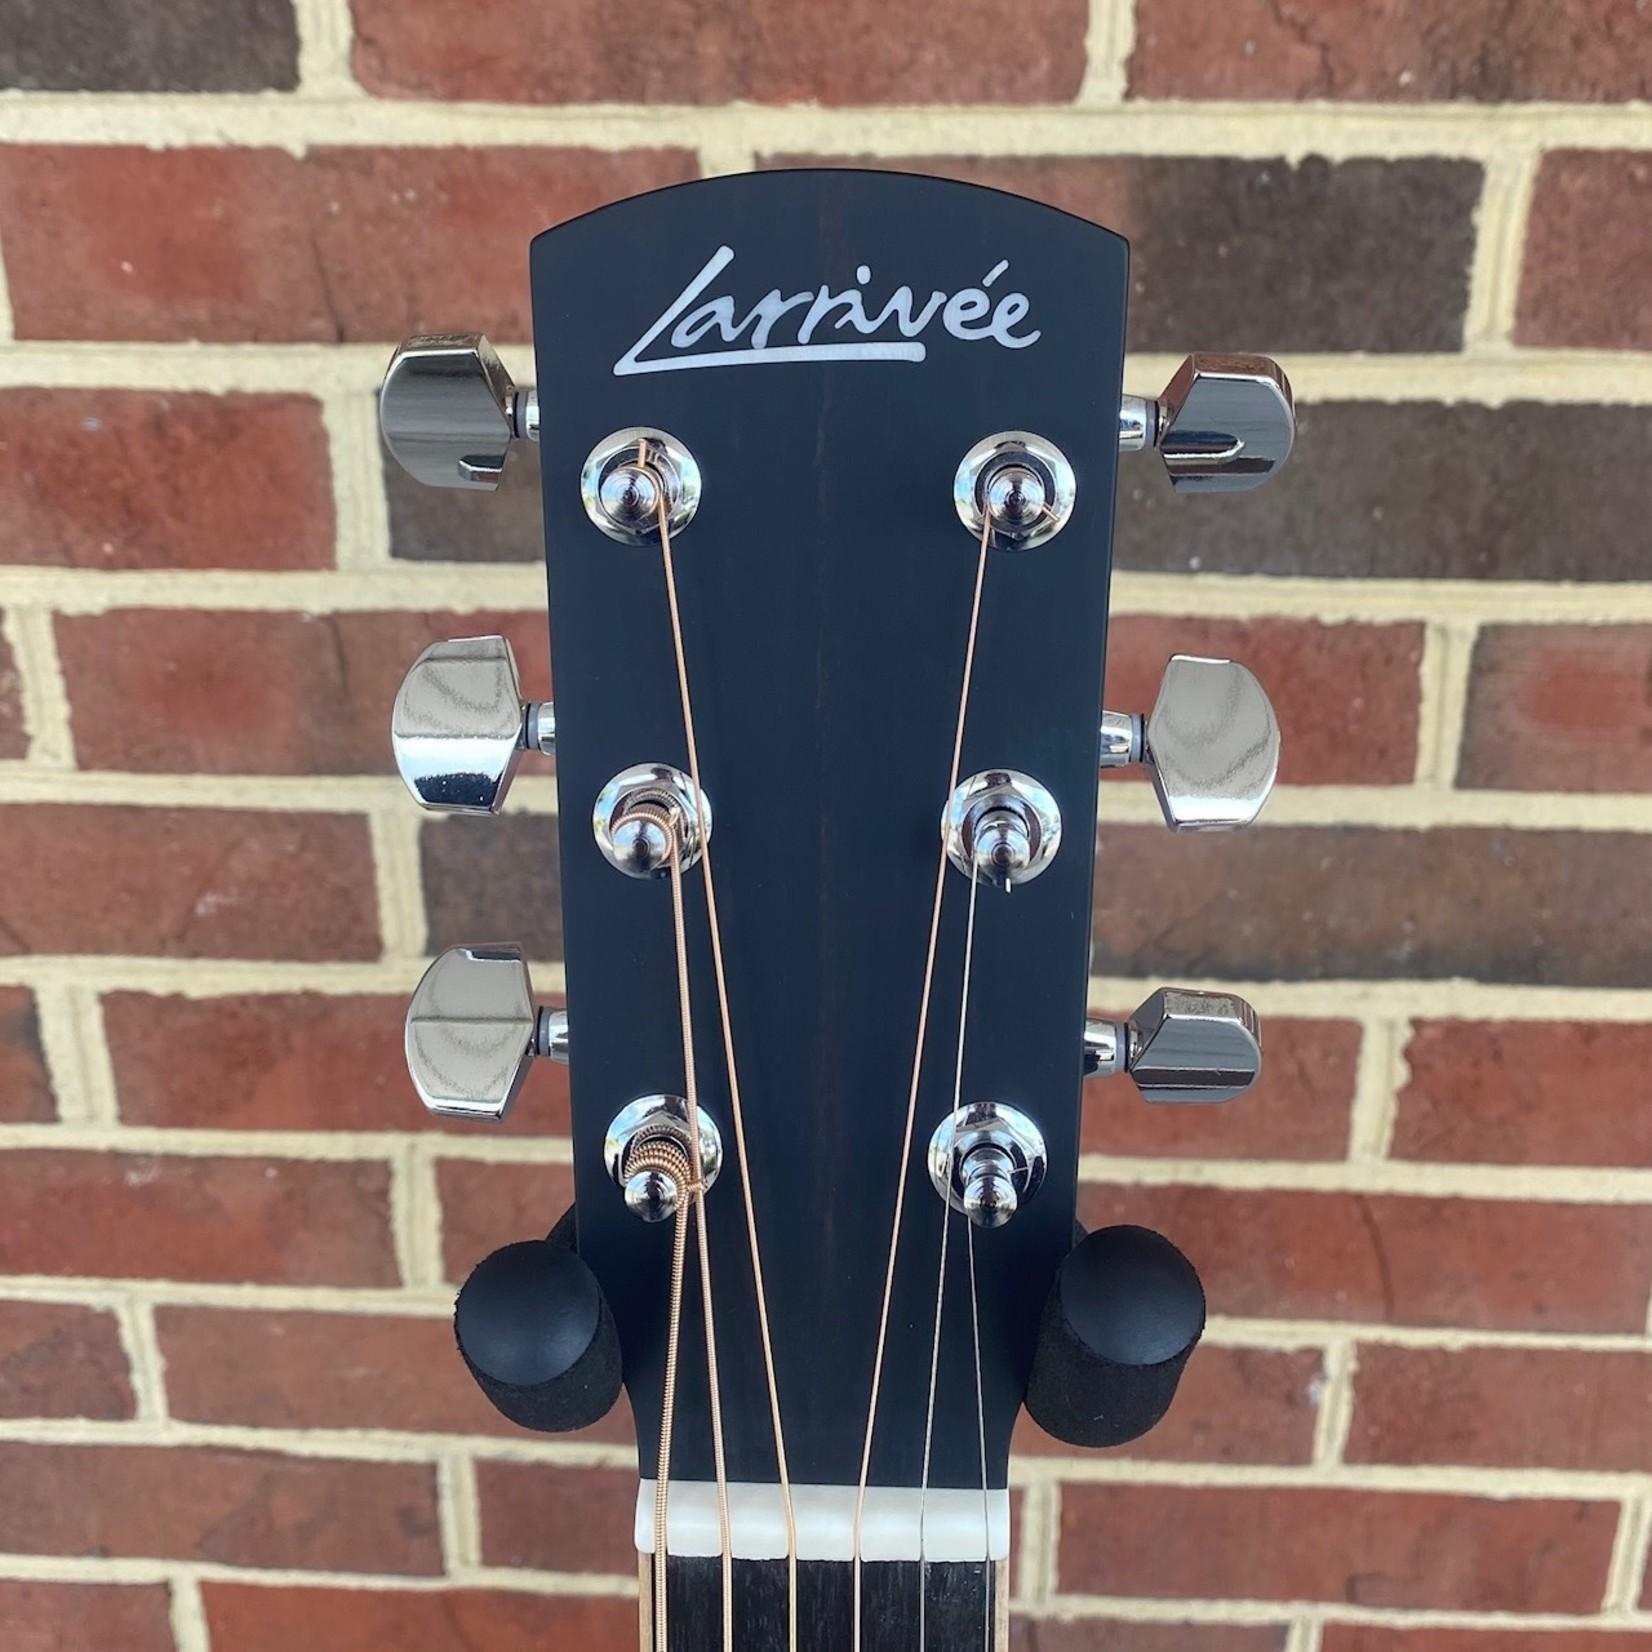 Larrivee Larrivee L-03R, Sitka Spruce Top, Indian Rosewood Back & Sides, Maple Binding, Ebony Bridge & Fretboard, Bone Nut & Saddle, Hardshell Case